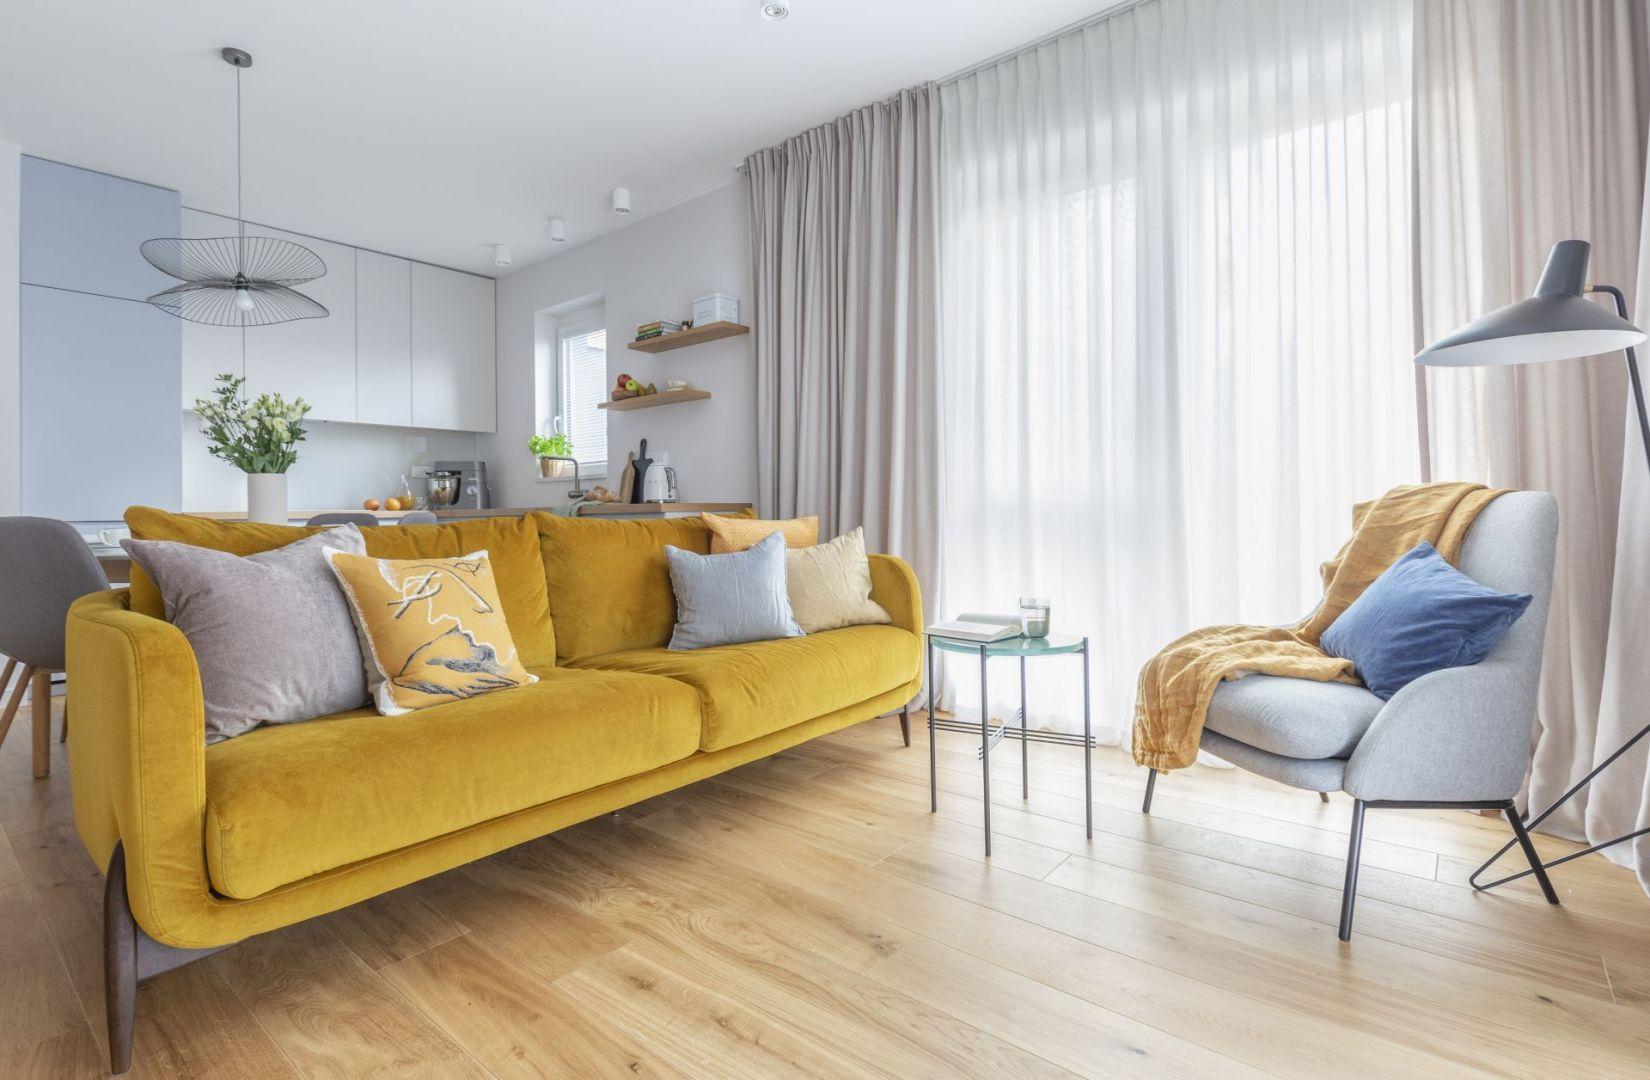 Salon w kolorach roku 2021. Projekt: Decoroom Pracownia Architektury. Fot. Marta Behling, Pion Poziom – fotografia wnętrz